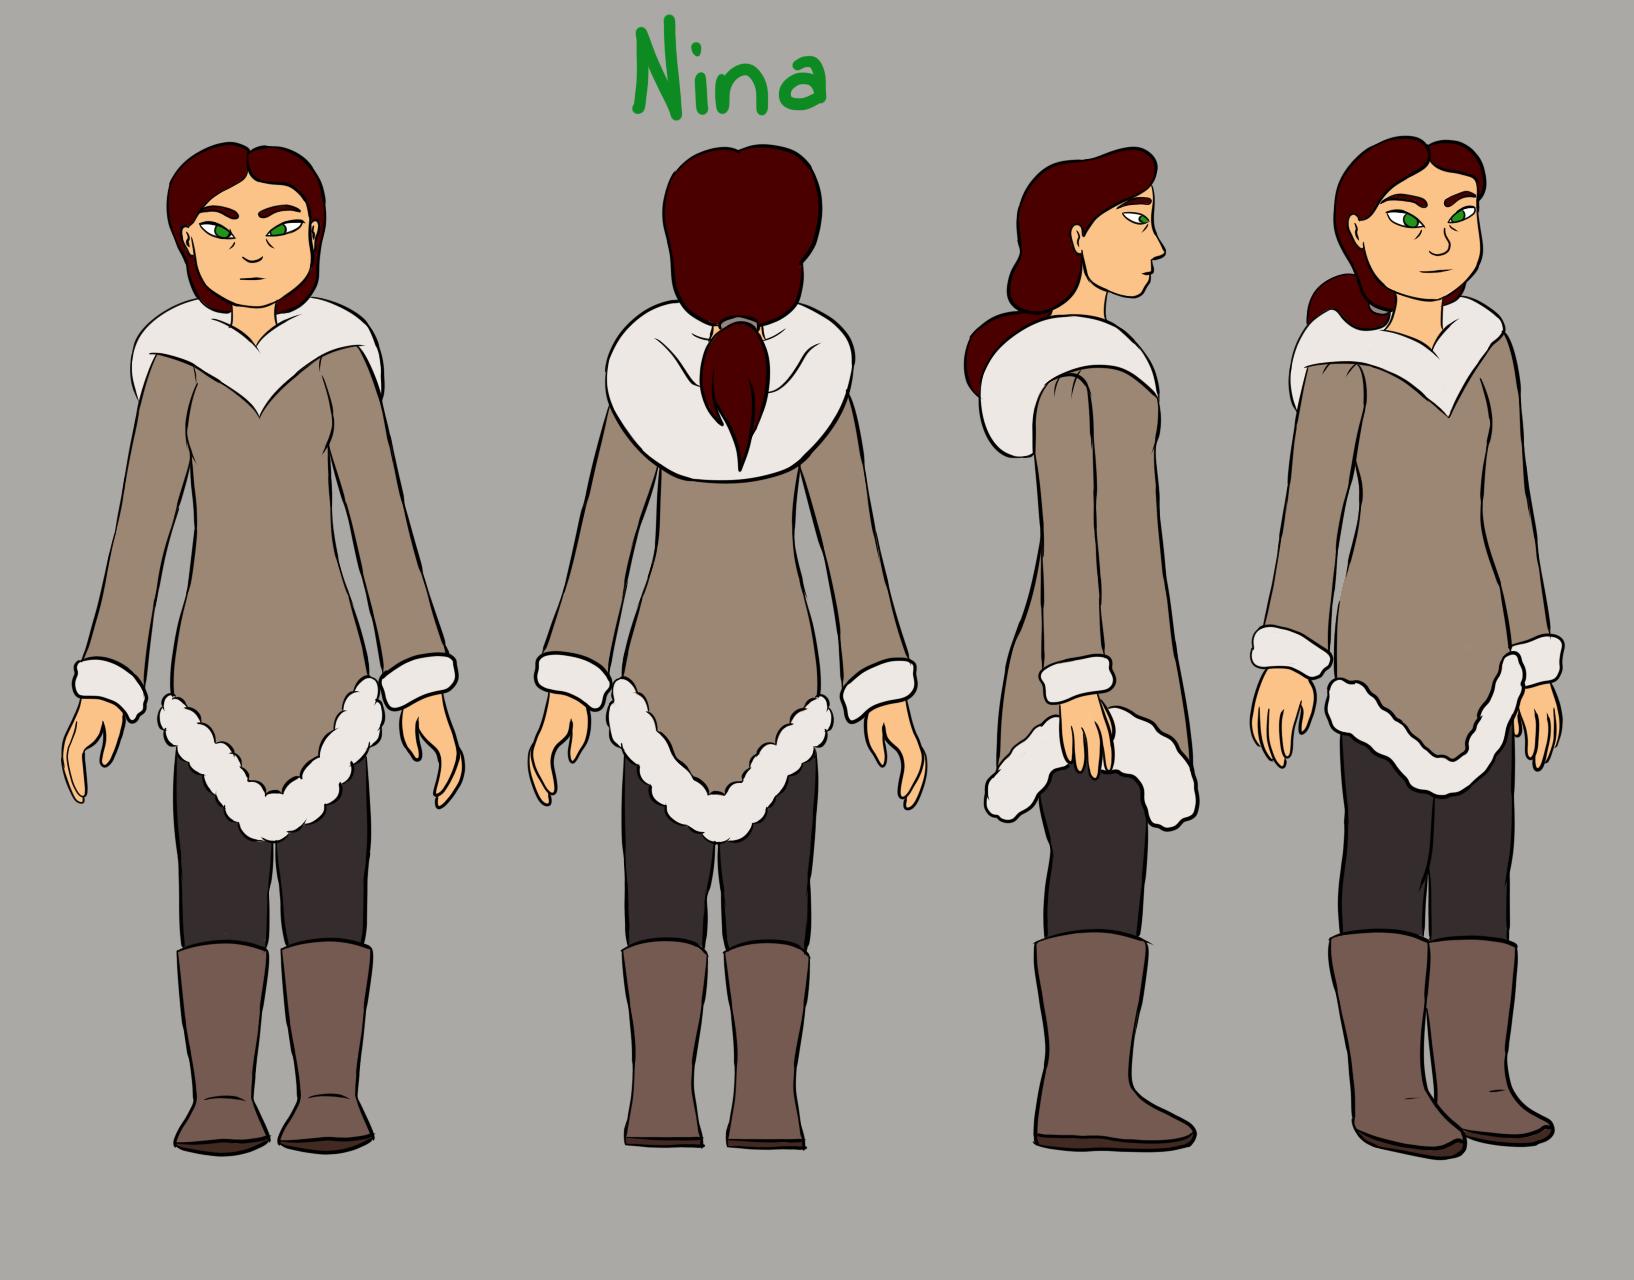 Nina (Human) Character Model Sheet